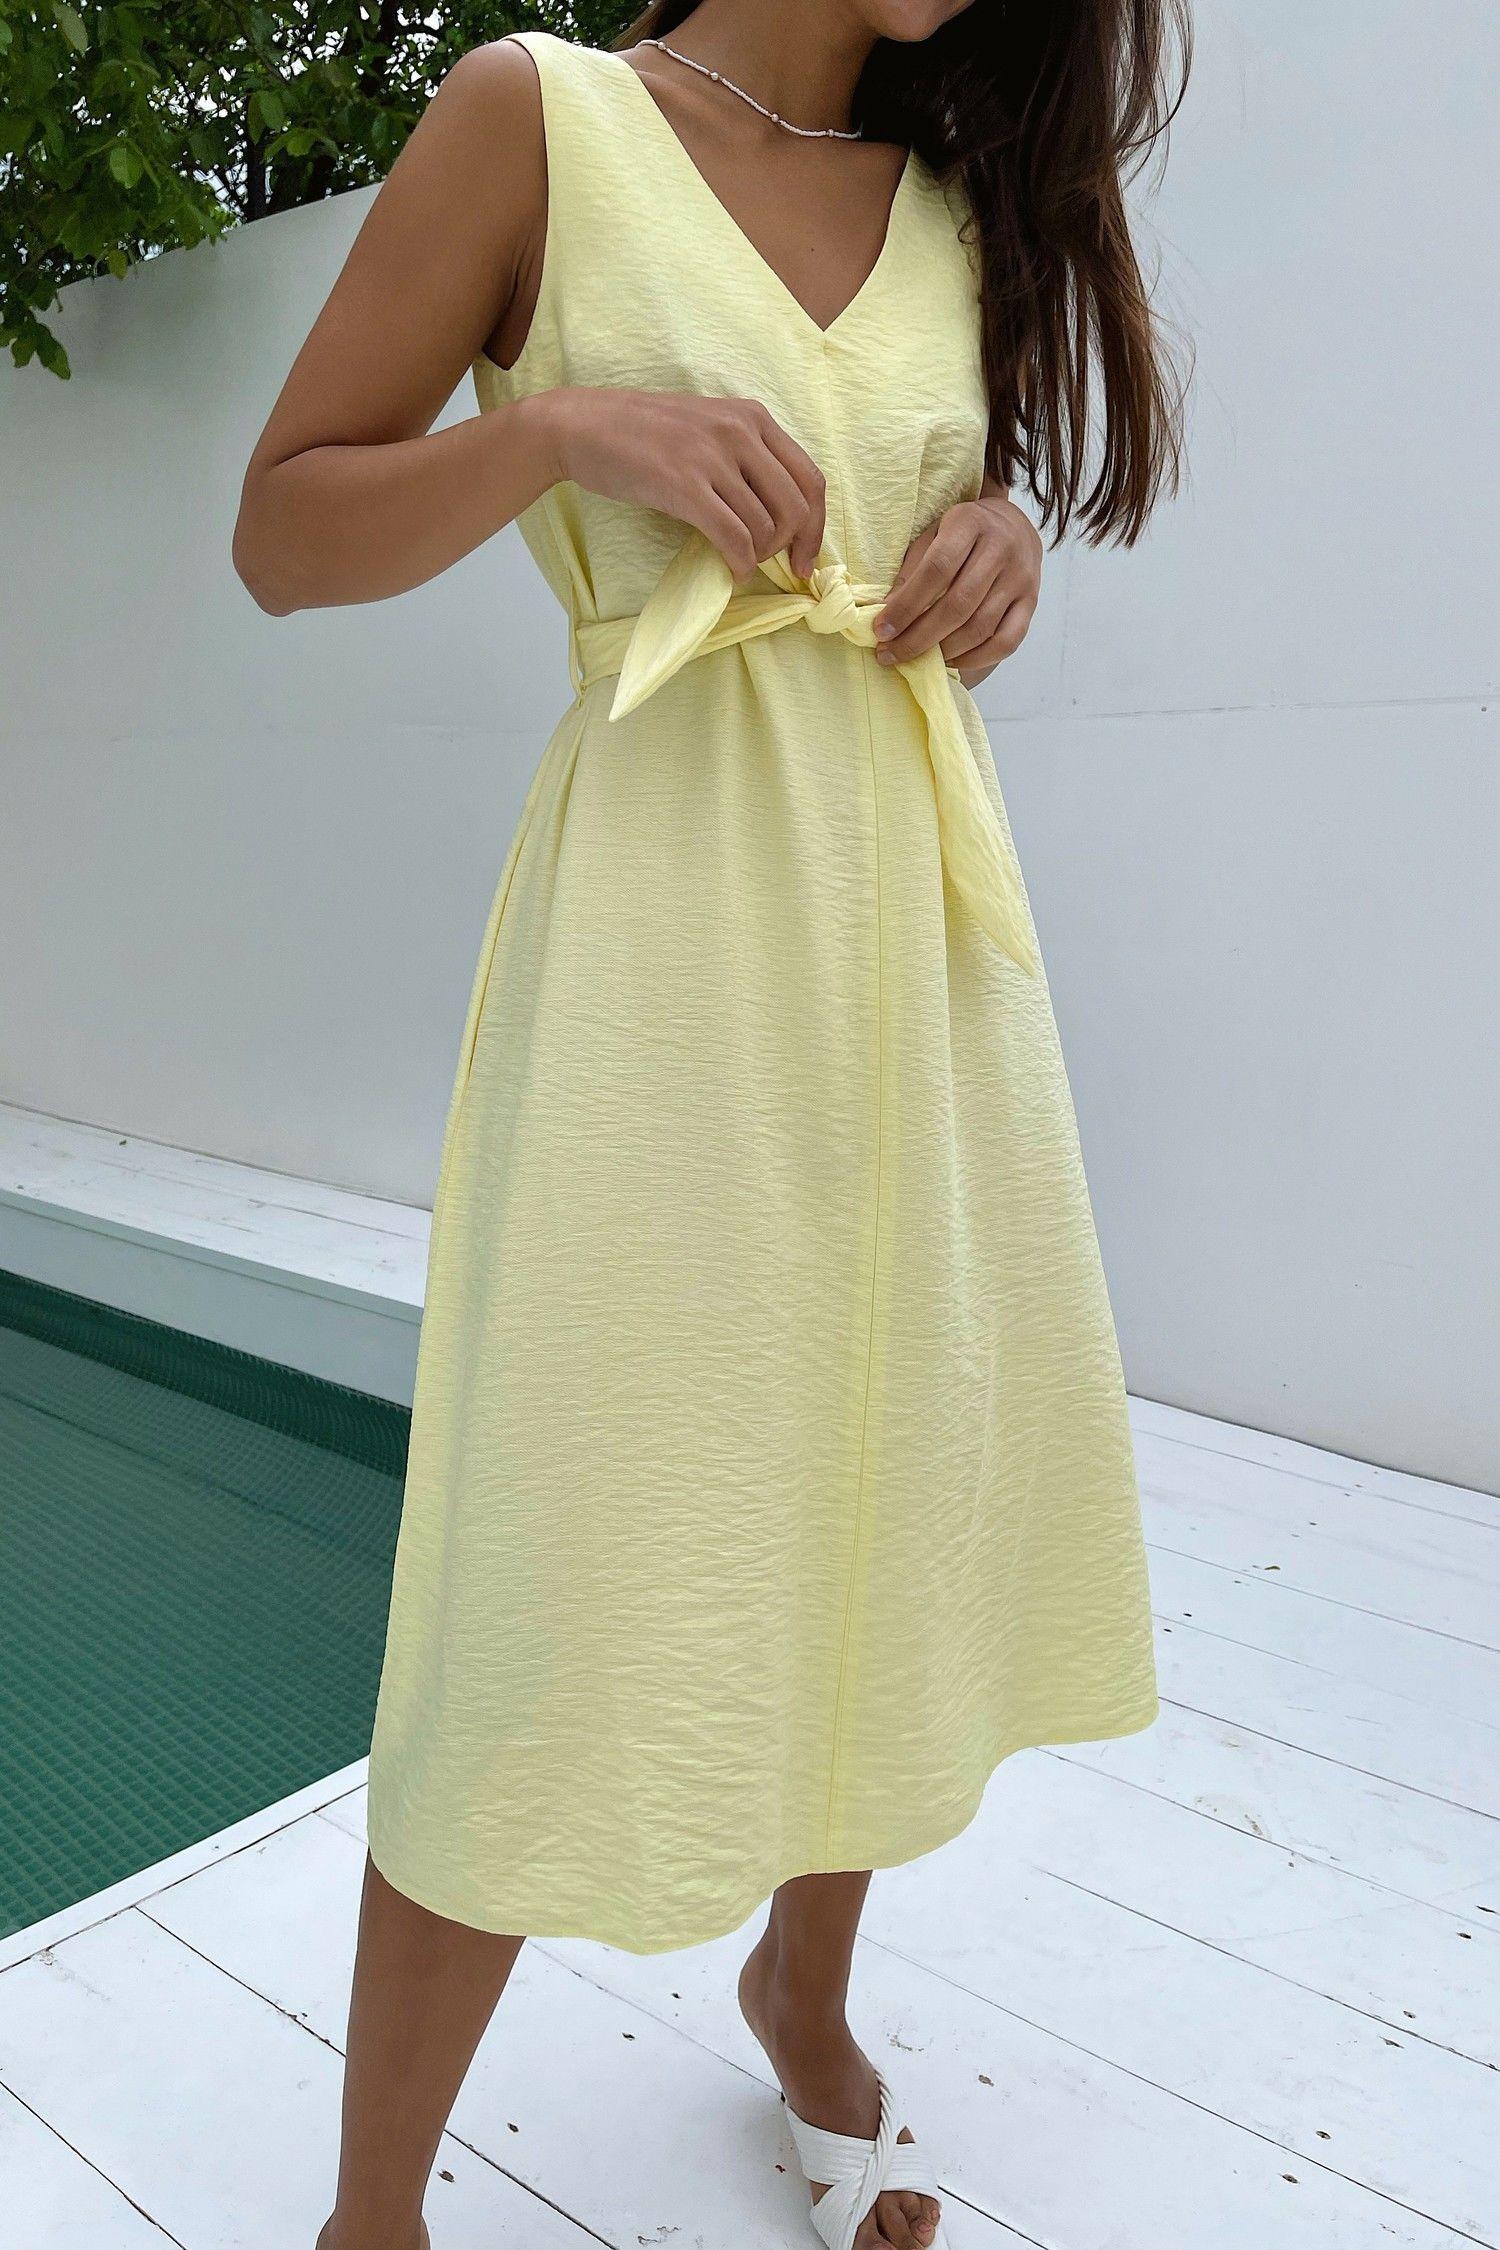 Сарафан из льна с вырезом желтый - THE LACE